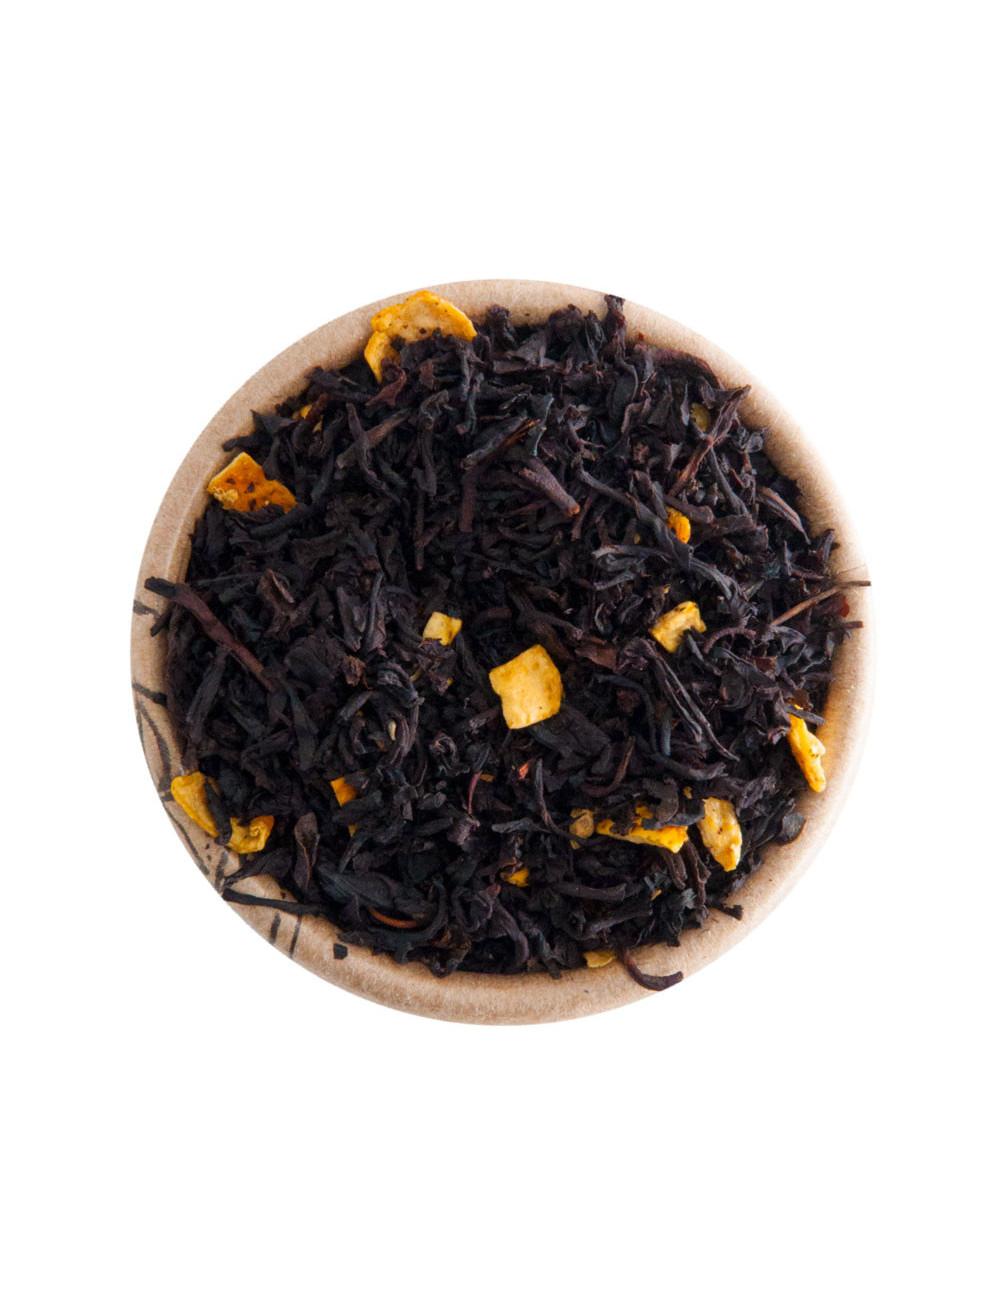 Limone tè nero aromatizzato - La Pianta del Tè shop online